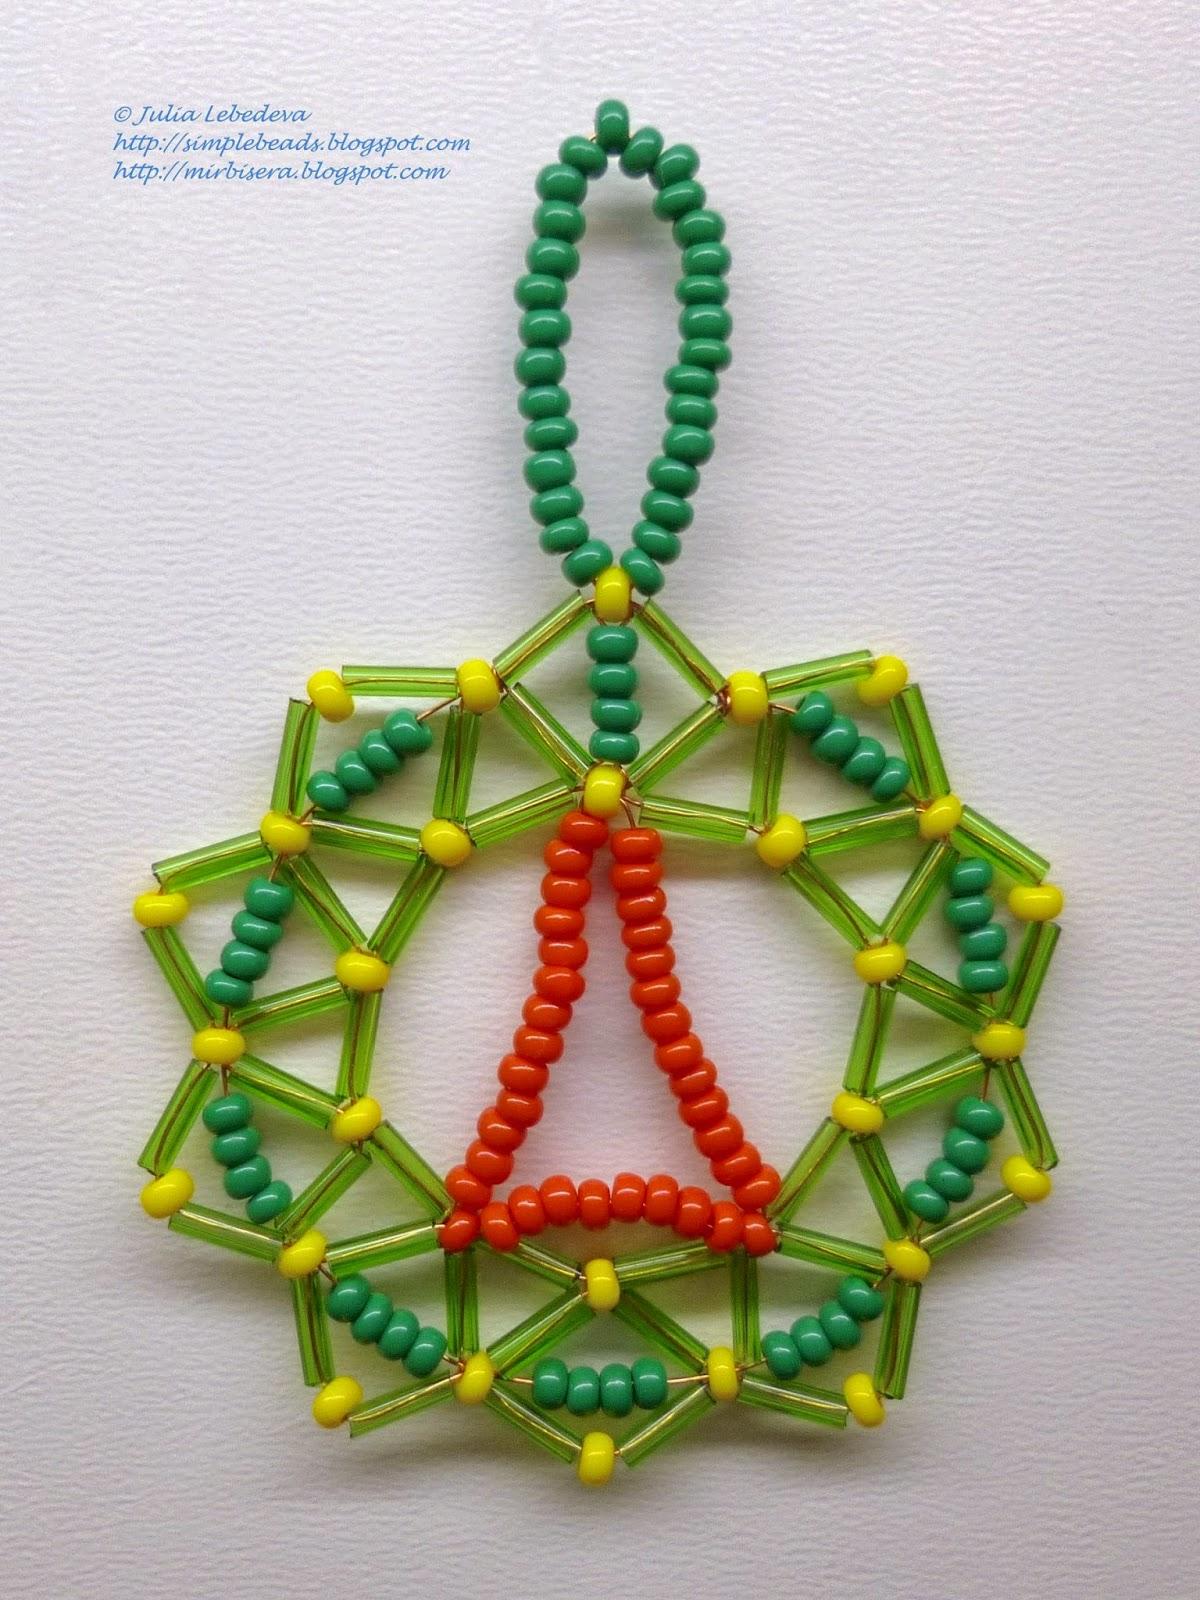 Новогоднее украшение из бисера - маленький венок